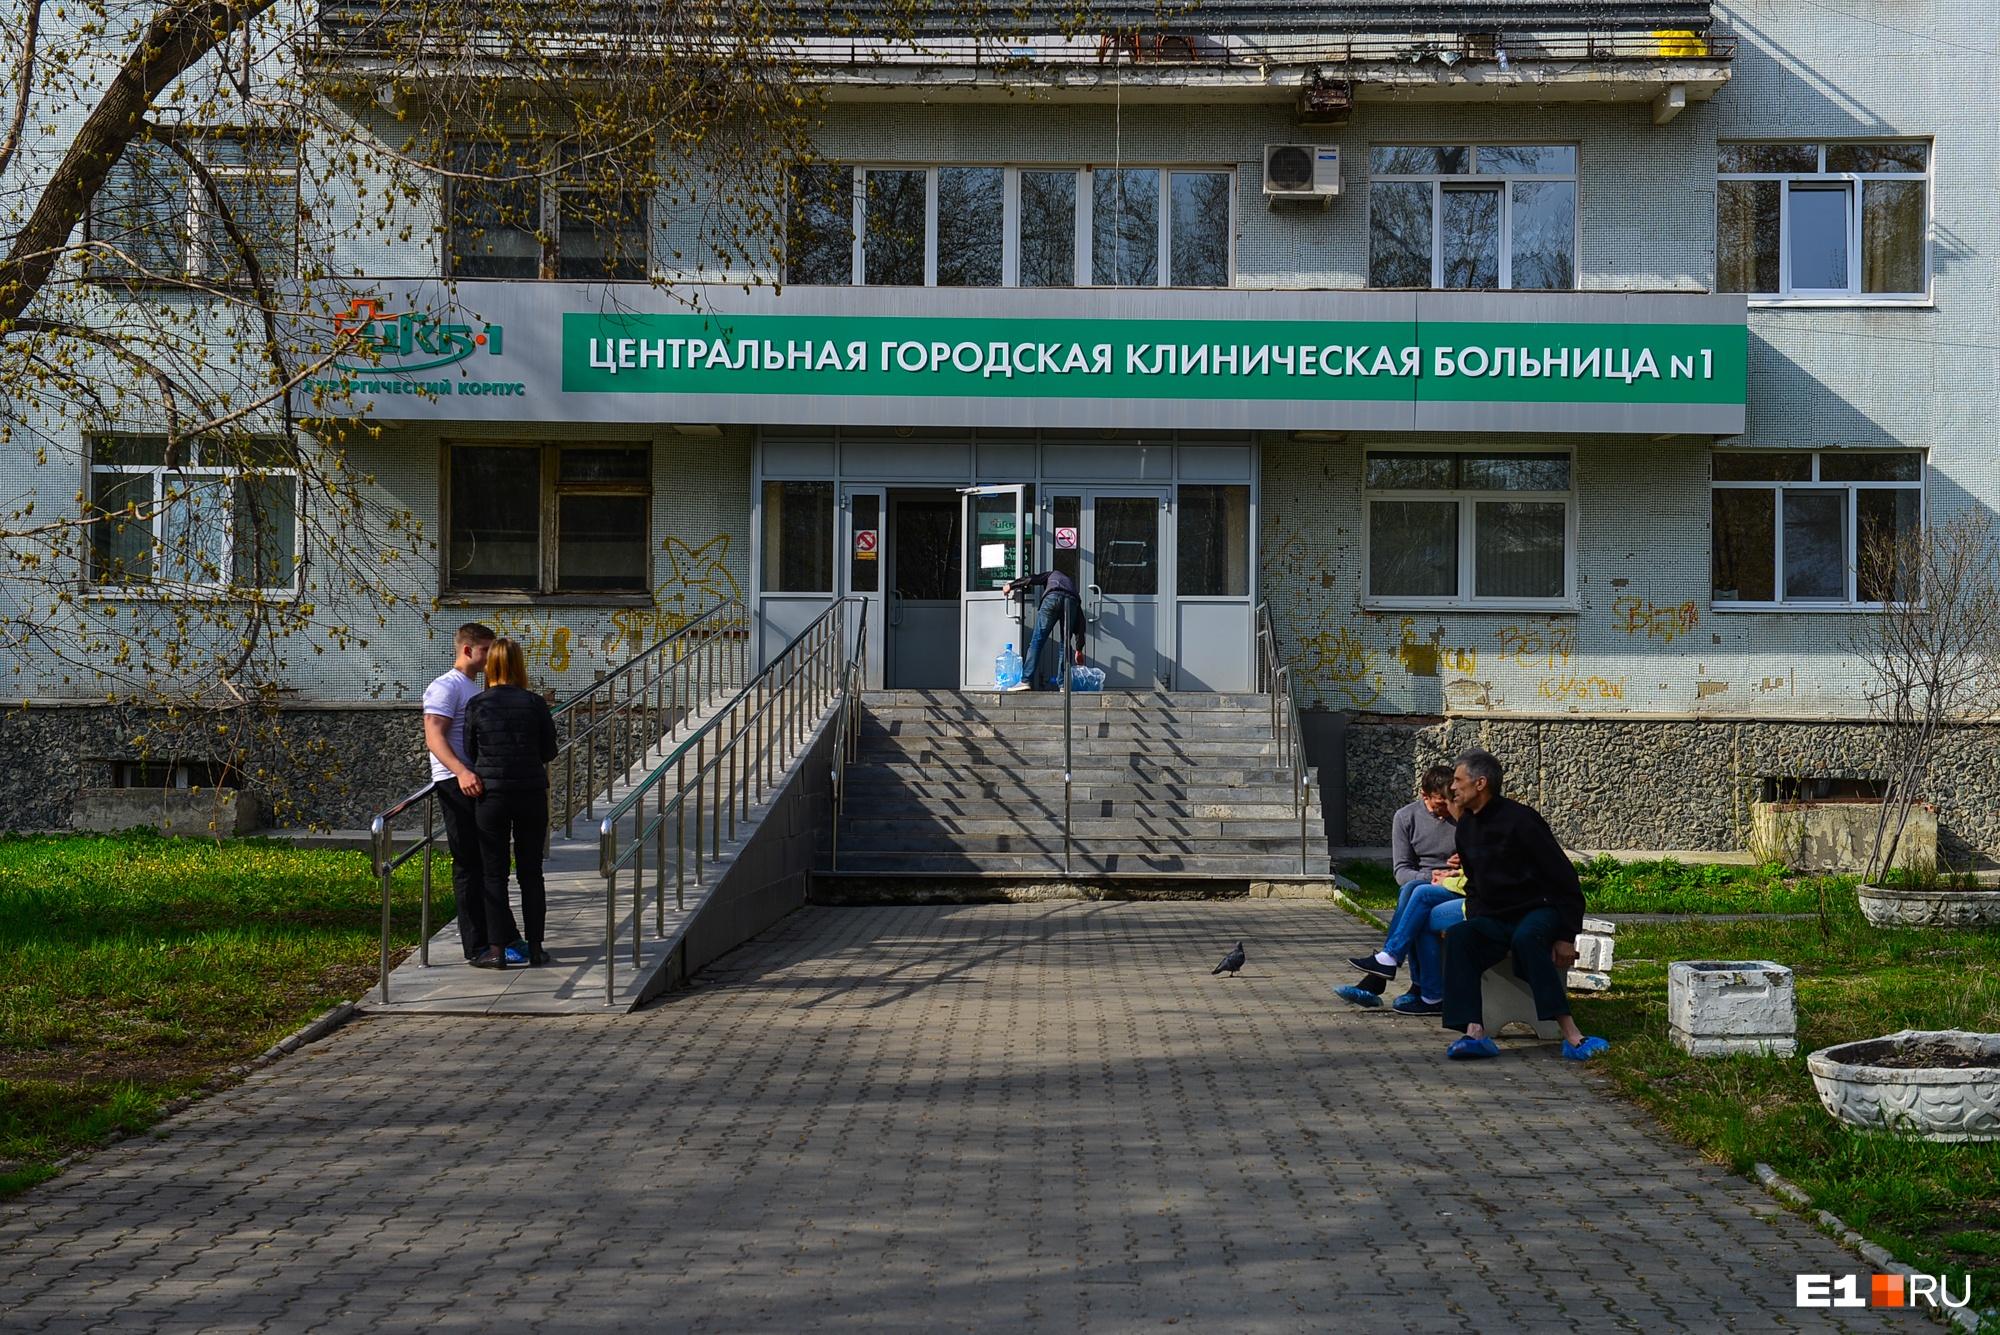 Проверка Роспотребнадзора выявила большое количество нарушений в корпусах больницы